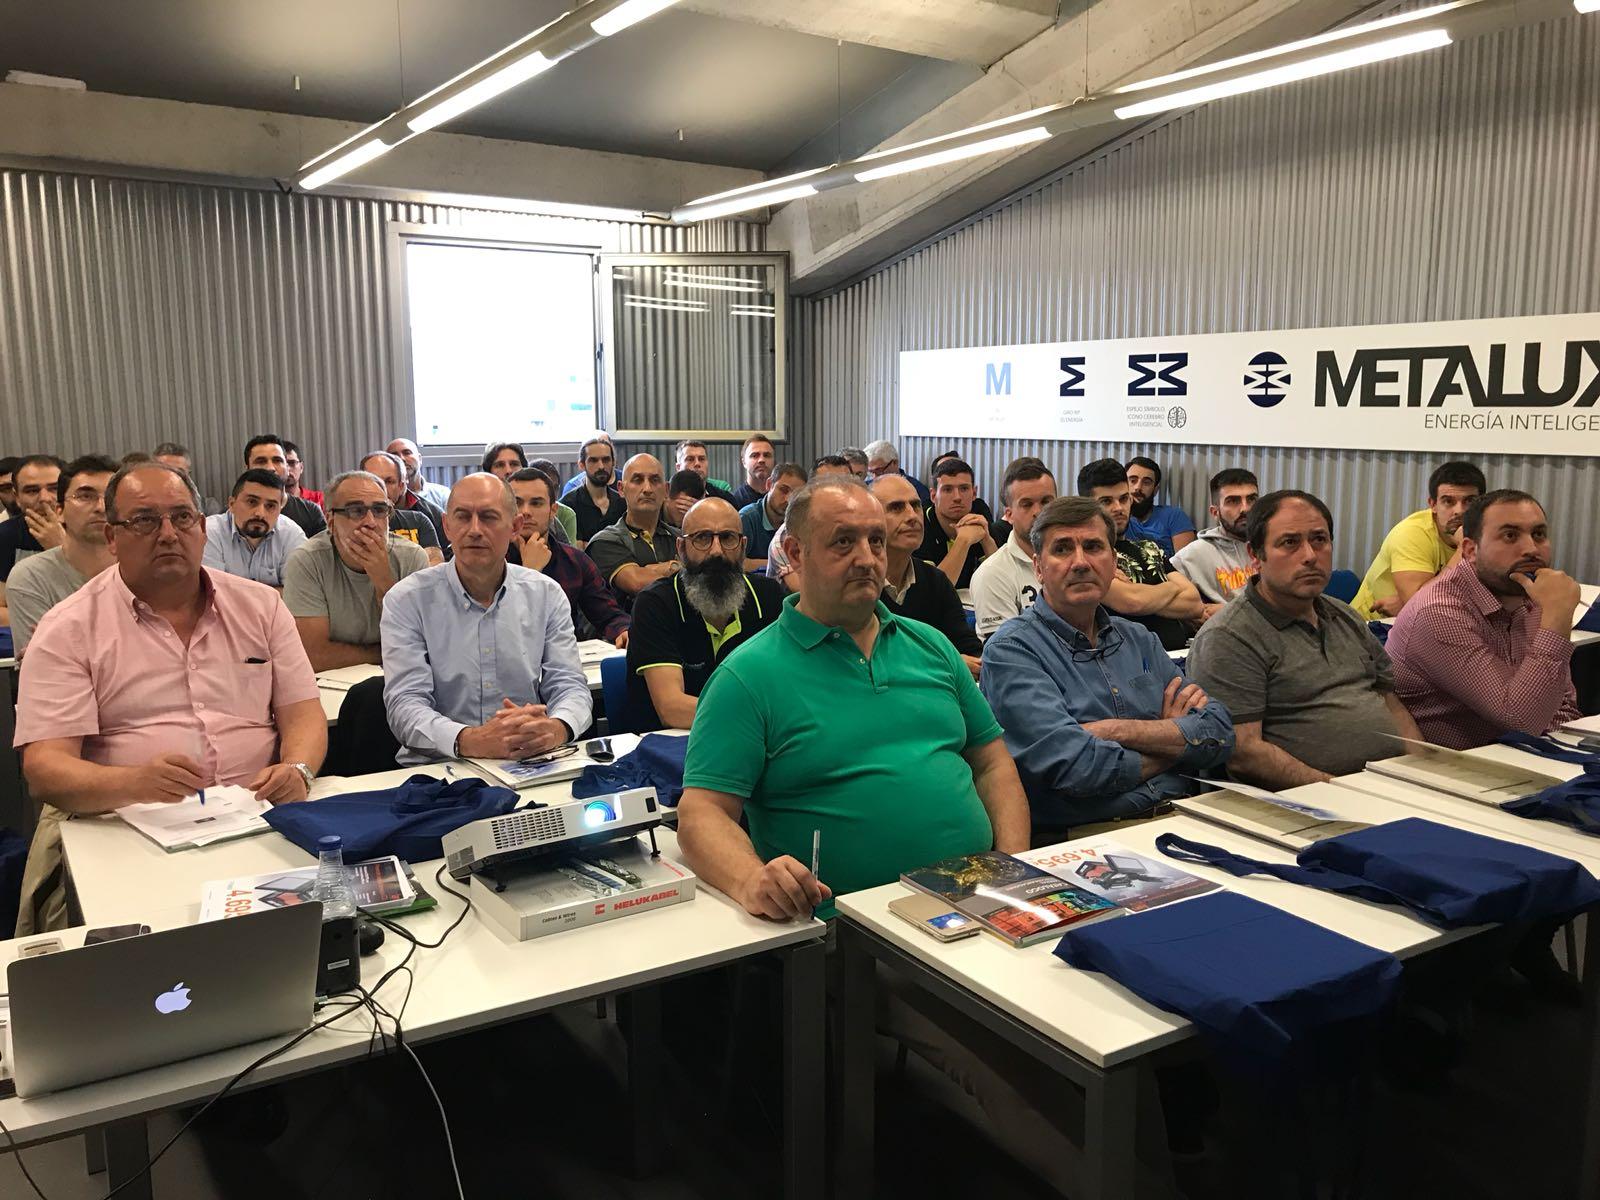 Curso de Formación sobre Fibra Óptica en METALUX Avilés 4 Numerosos asociados de Fenitel Asturias participaron la pasada semana en un curso de formación realizado por nuestra empresa colaboradora, METALUX, en sus